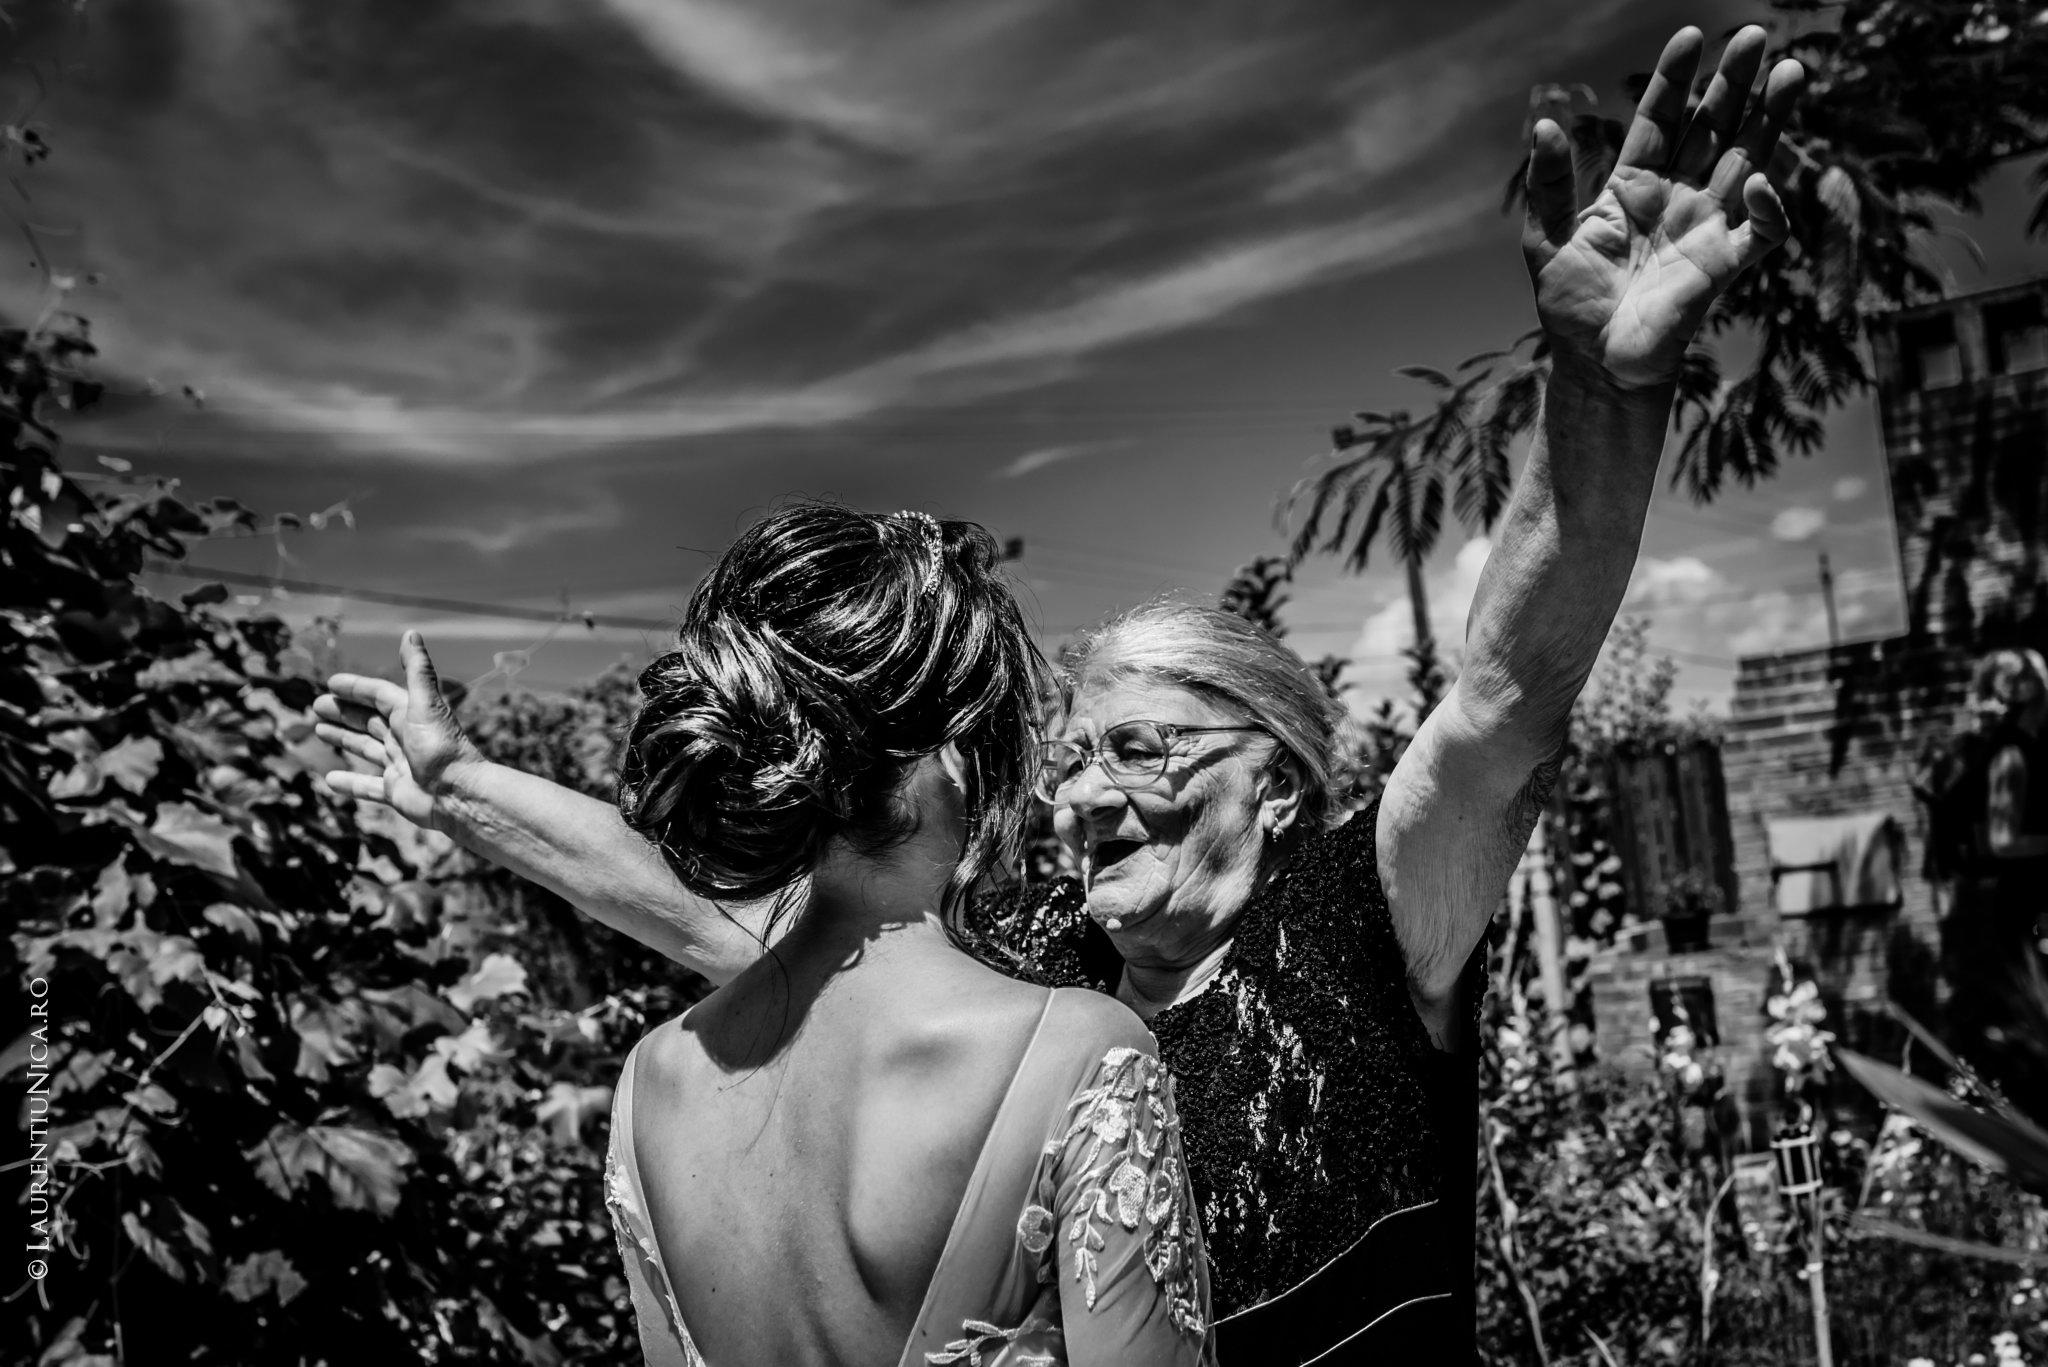 fotografii nunta denisa si florin craiova 15 - Denisa & Florin | Fotografii nunta | Craiova